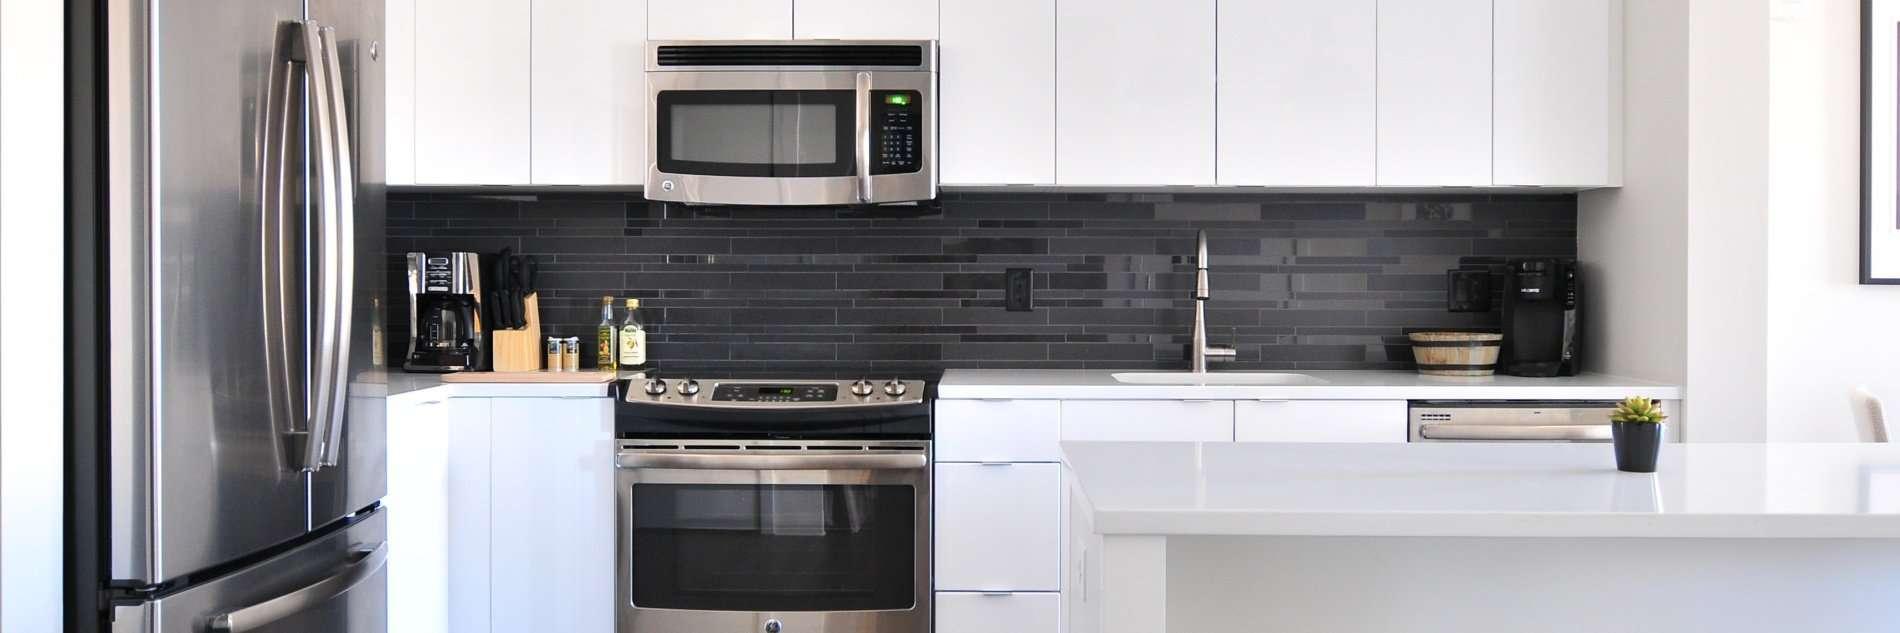 Beste Geräte für die Küche!